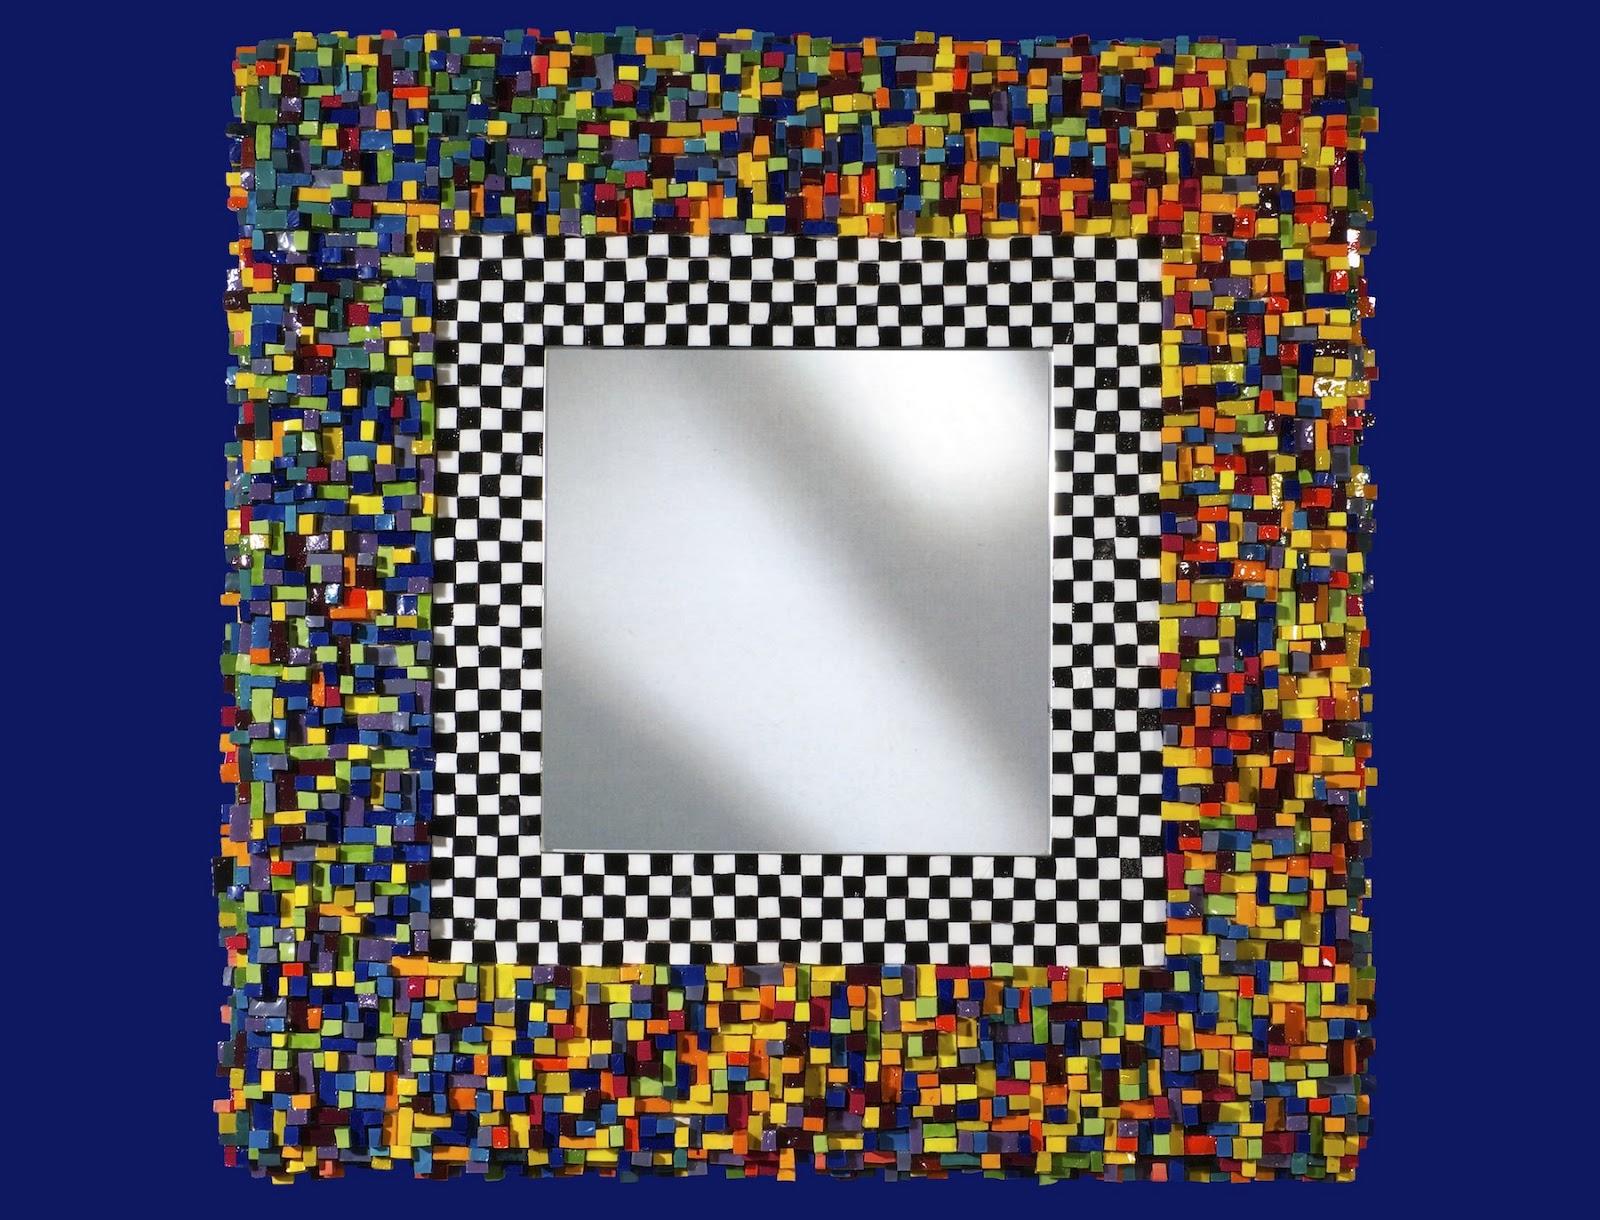 Luca bossaglia specchio 2013 - Specchio mosaico vetro ...